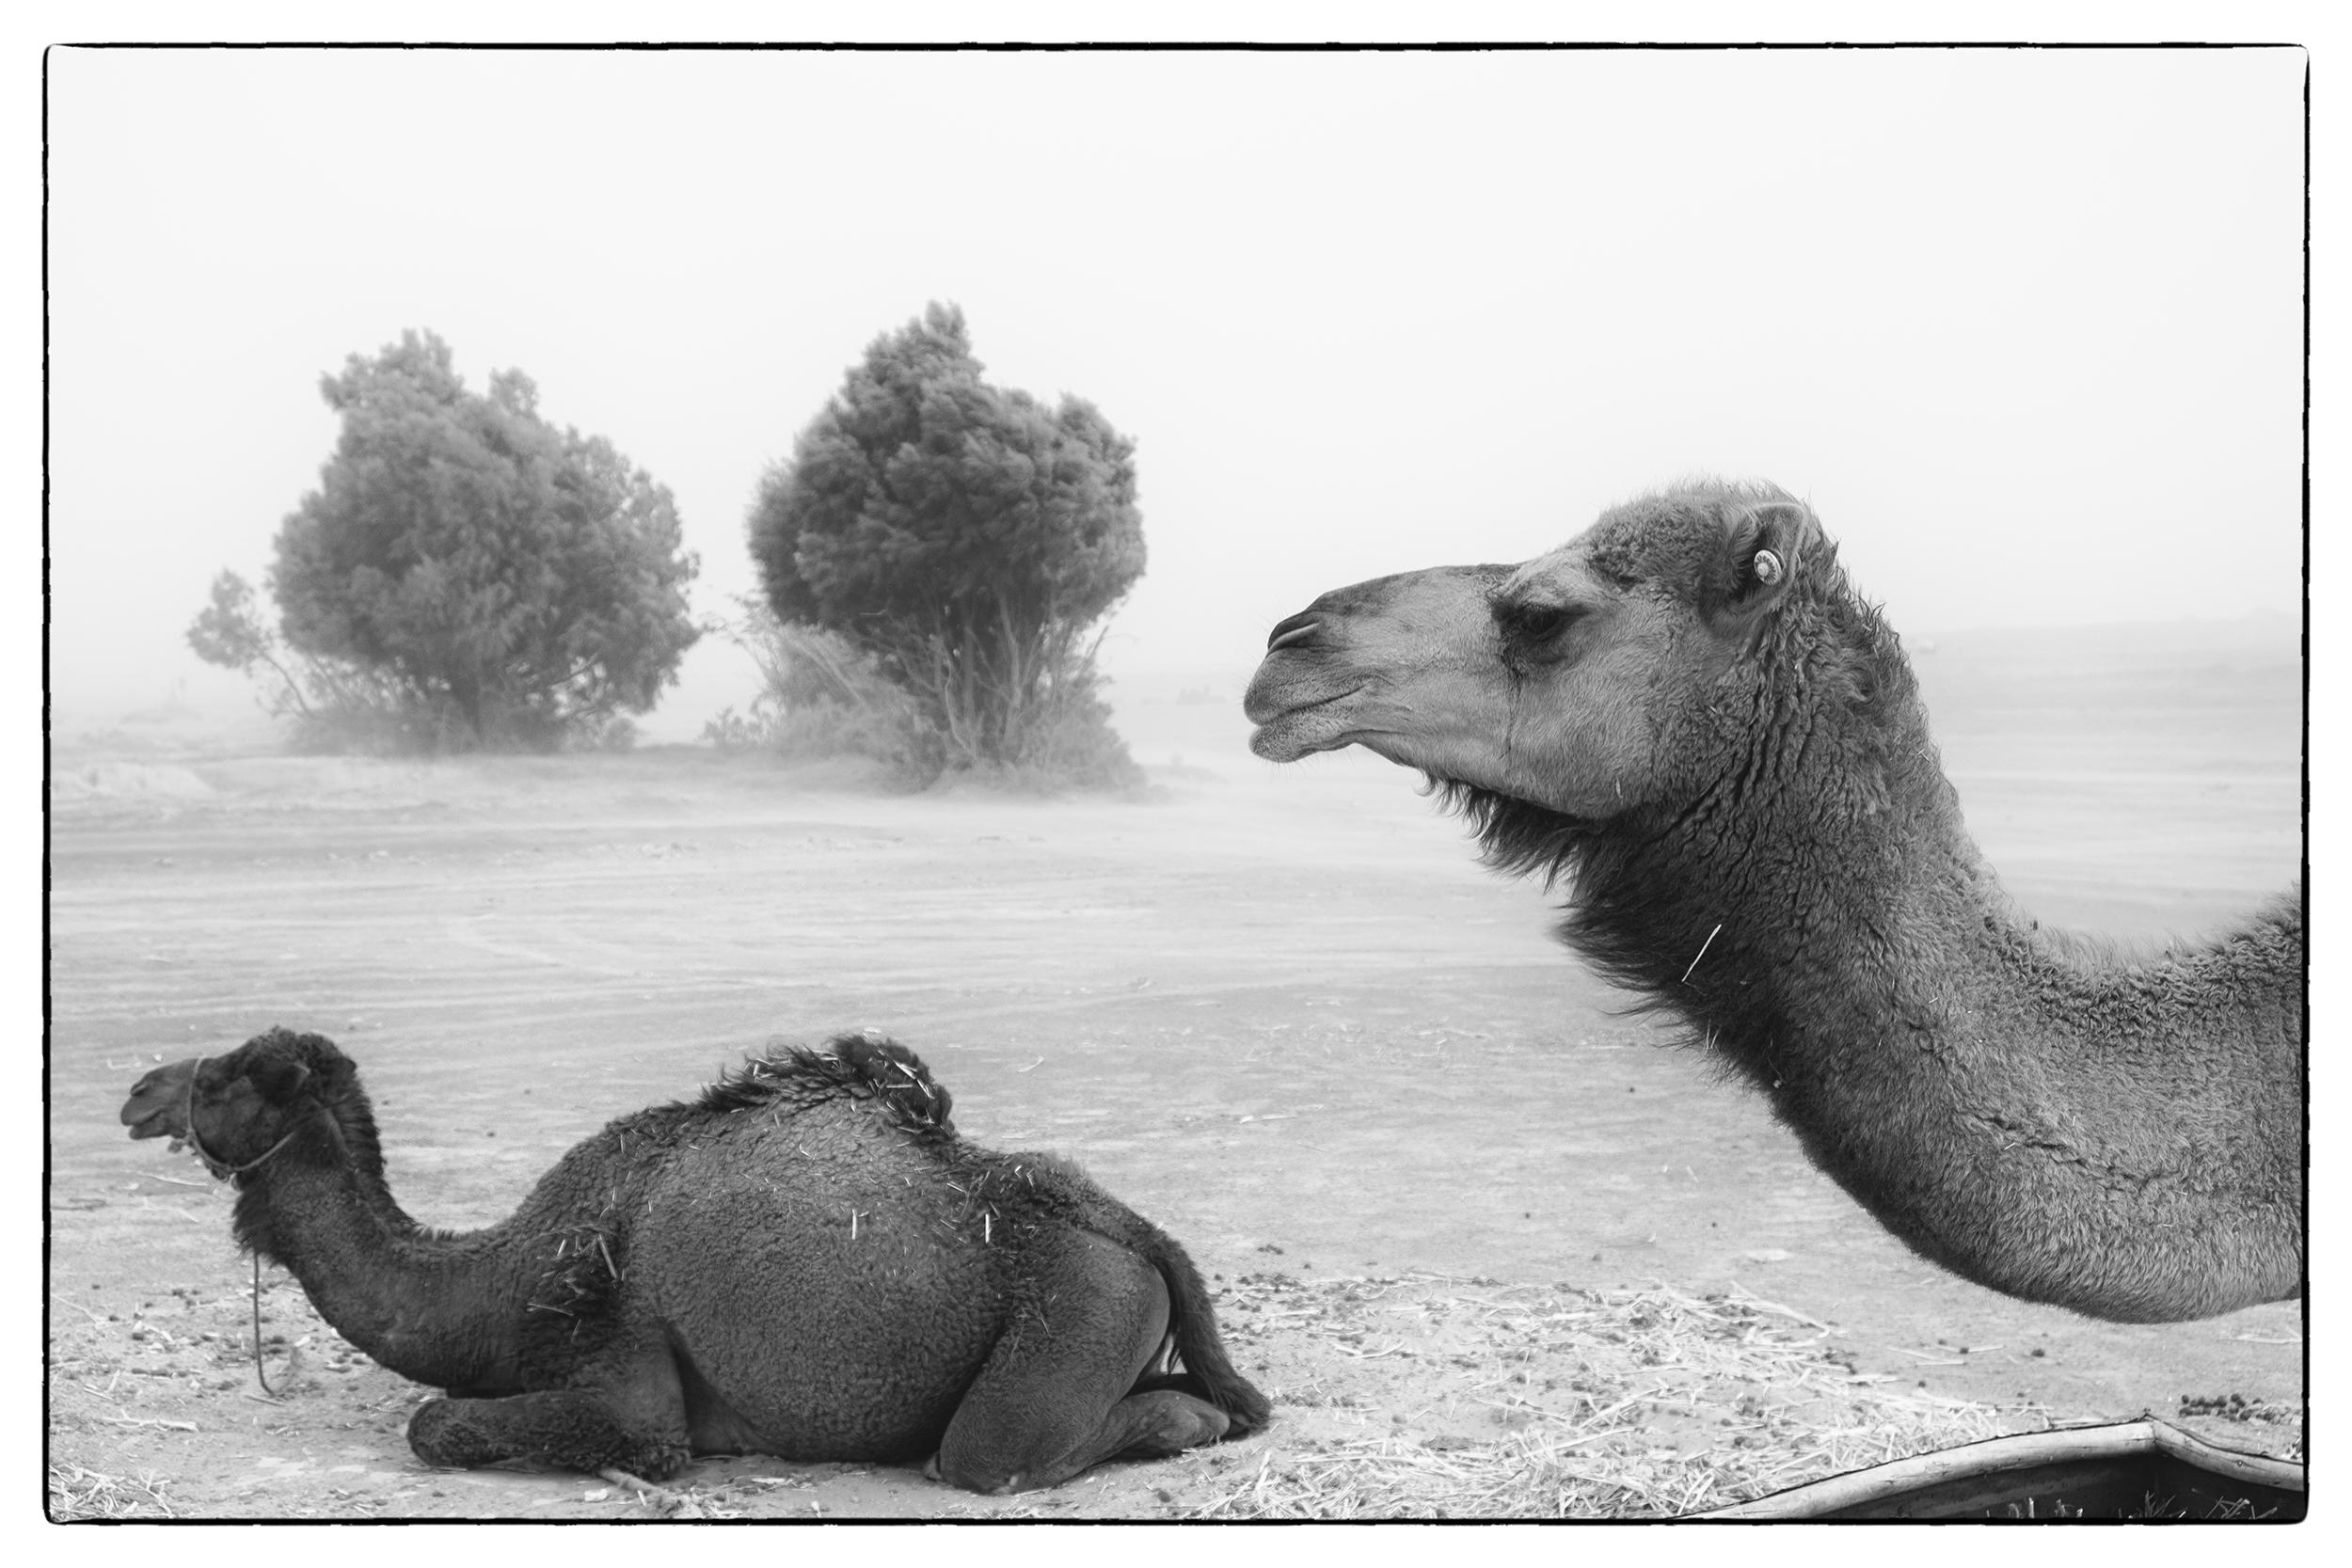 Camels in sandstorm.jpg